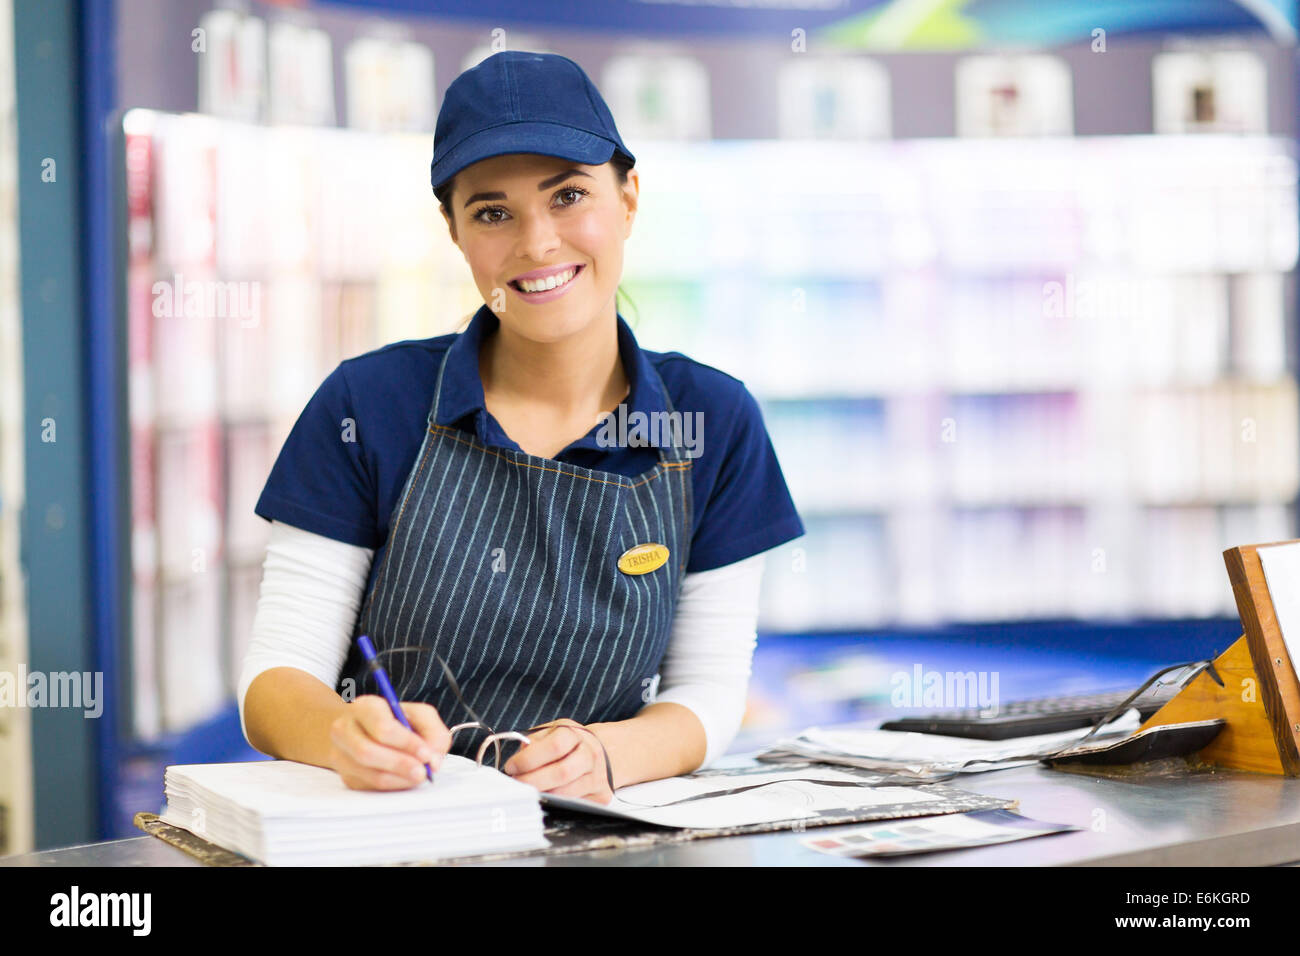 Beau travail de commis de magasin de peinture féminine Photo Stock